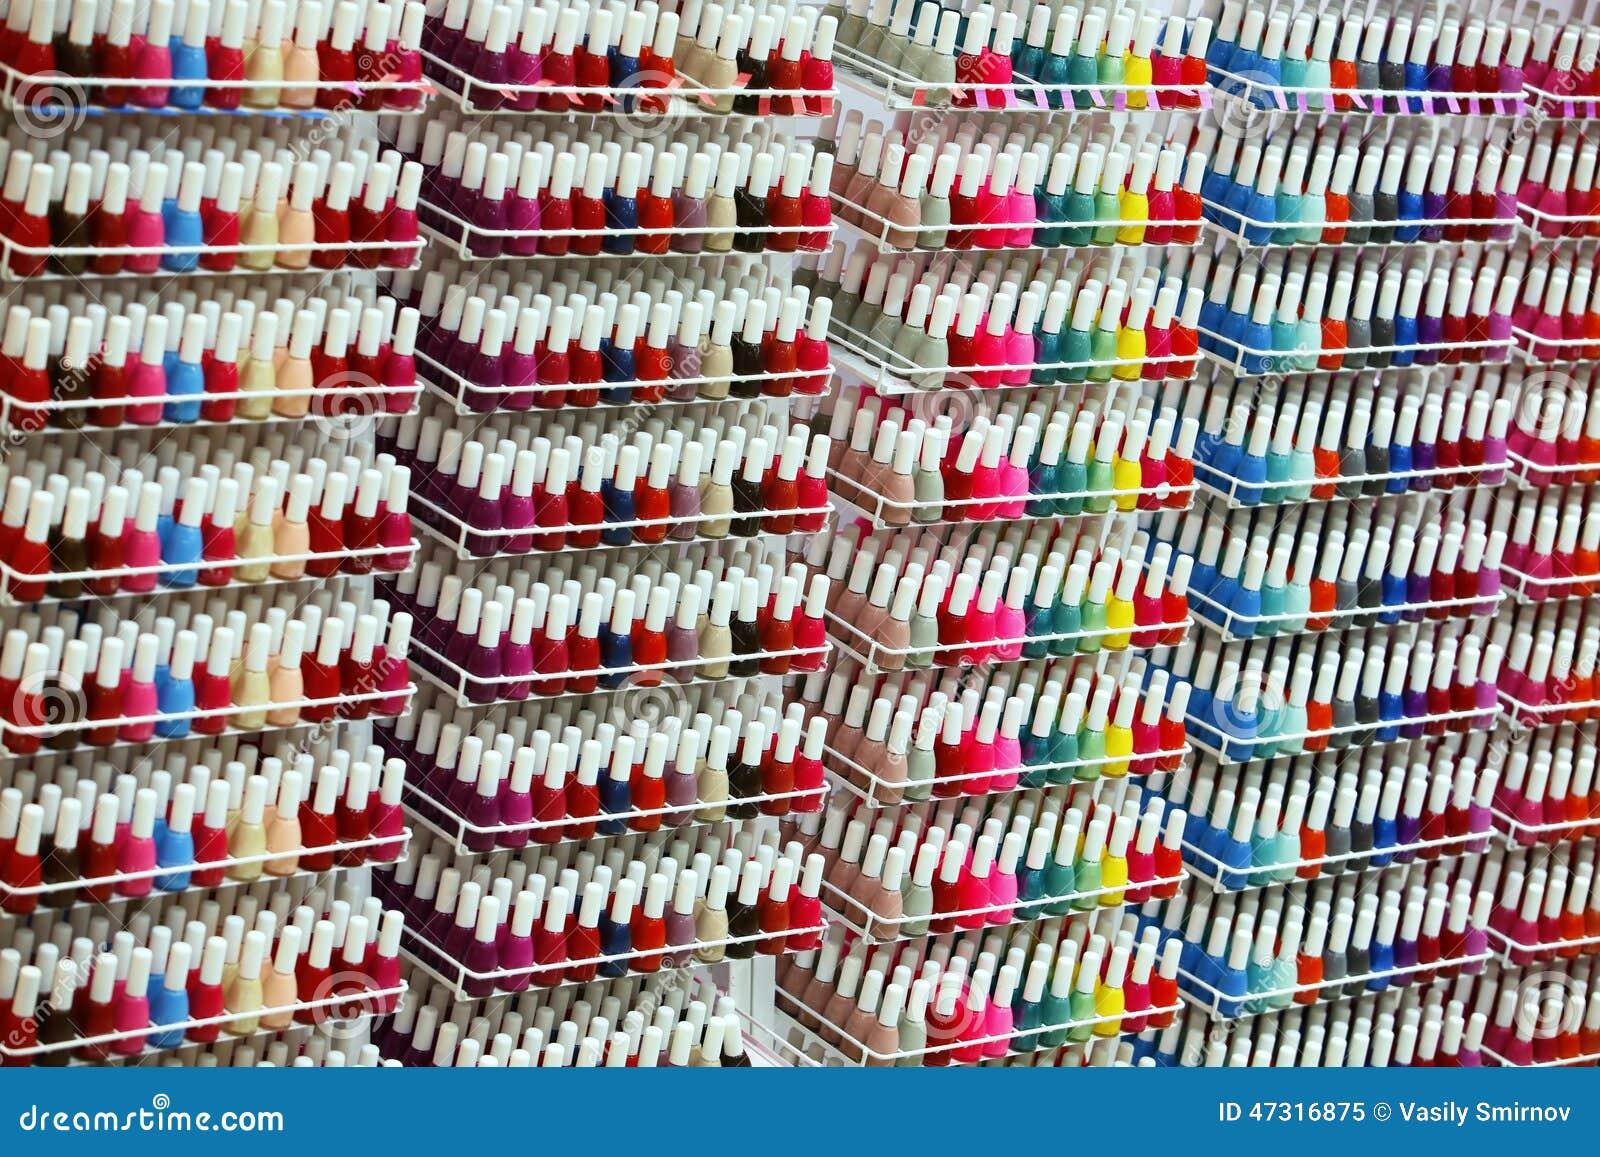 Bottles of nail Polish stock image. Image of glitter - 47316875